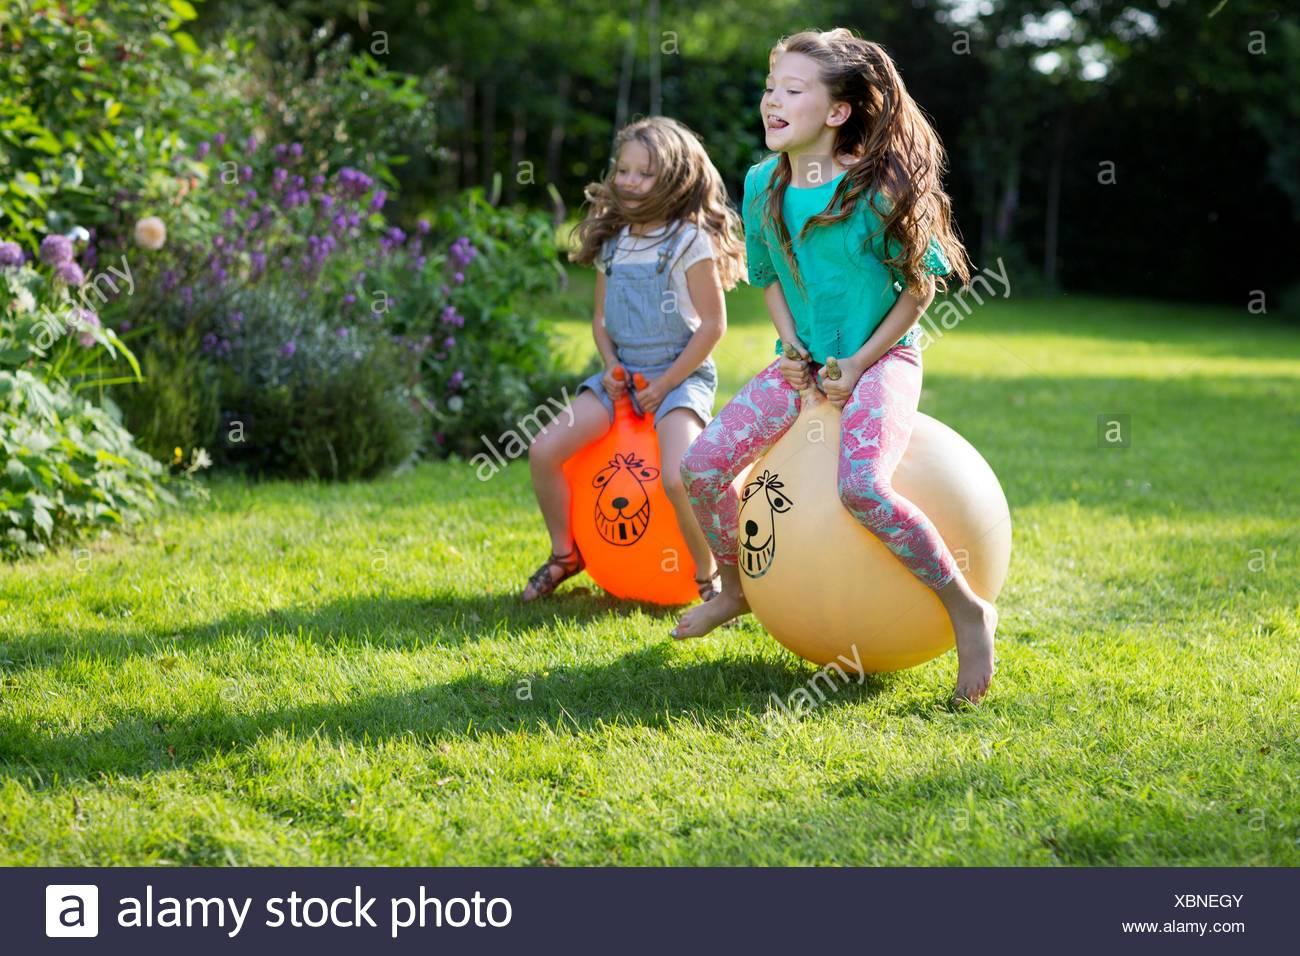 EIGENTUM FREIGEGEBEN. -MODELL VERÖFFENTLICHT. Zwei Schwestern Prellen auf bouncy Trichter im Garten. Stockbild